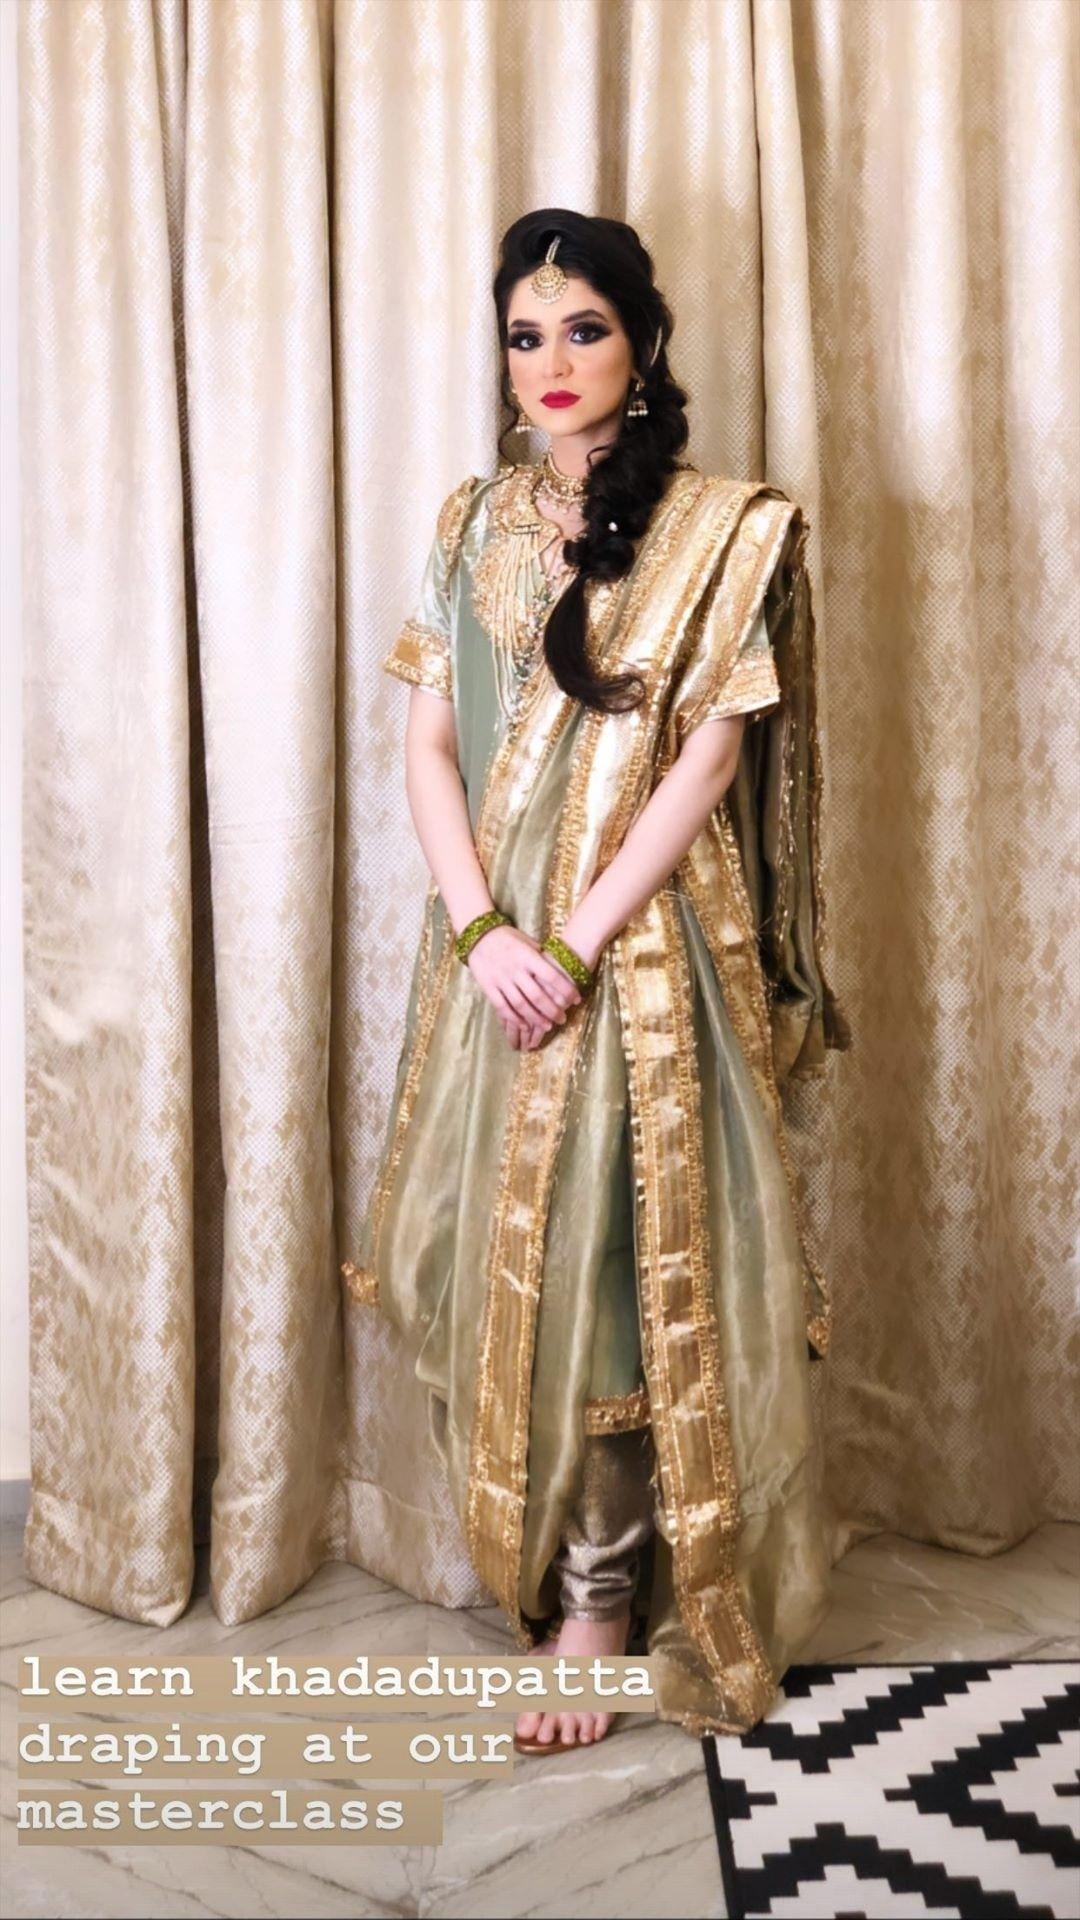 Green Khada Dupatta Hyderabad Bride Wedding In 2020 Indian Fashion Dresses High Fashion Wedding Dress Pakistani Bridal Dresses